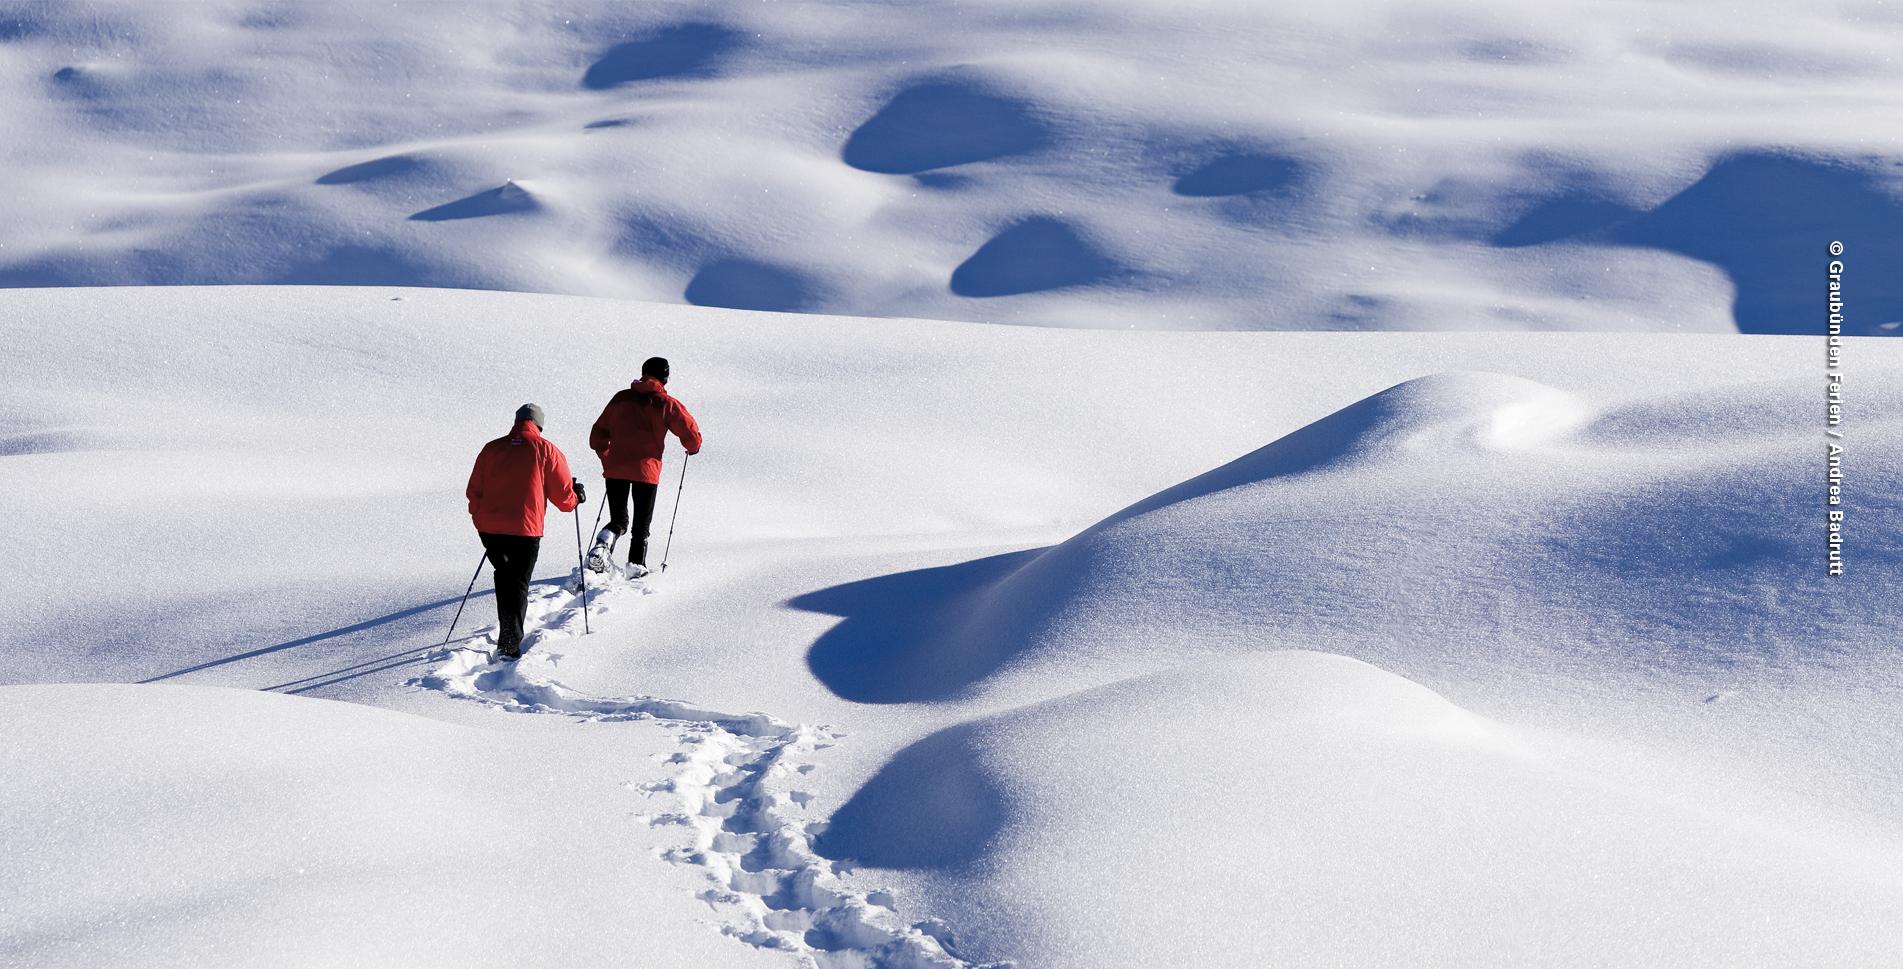 Schneeschuhtour von Arosa Maran auf dem Prätschalp-Schneeschuhtrail via Prätschalp und Ober Prätschsee